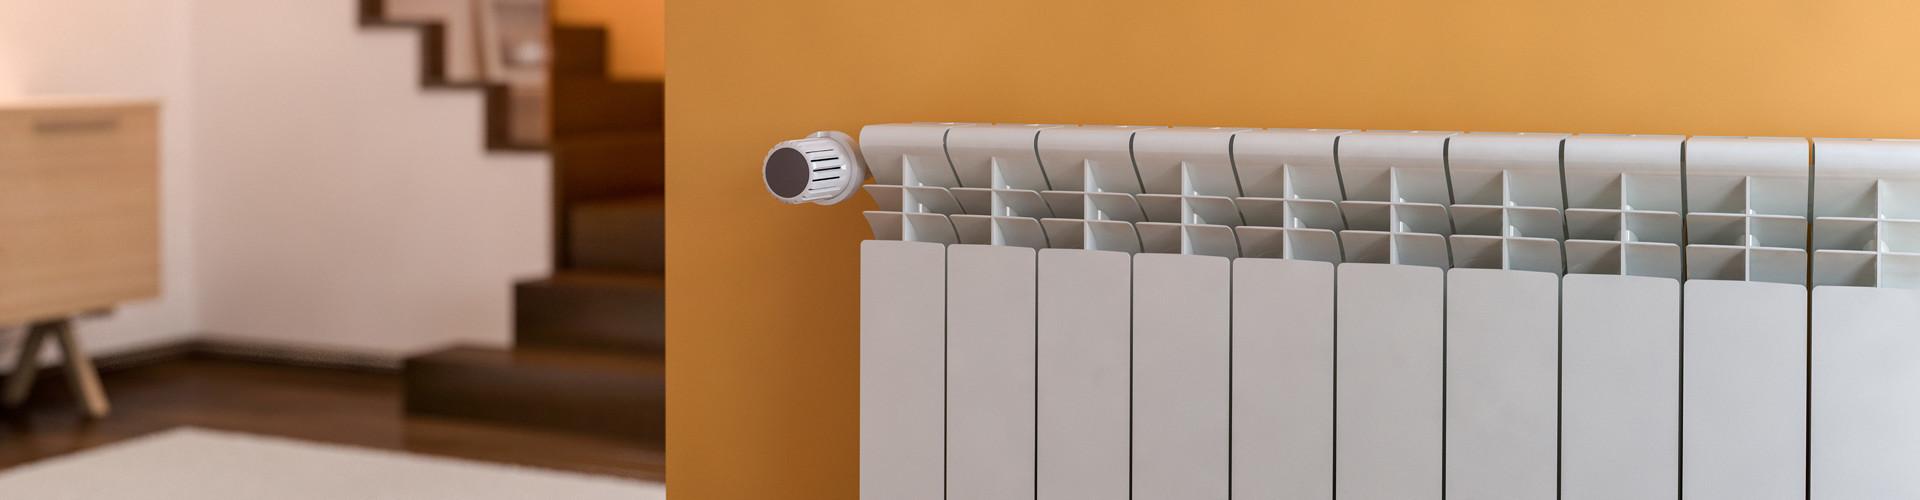 Ein weißer Heizkörper im Fokus, die restliche Wohnung ist aufgrund der Tiefenunschärfe kaum zu erkennen © Studio Harmony, stock.adobe.com